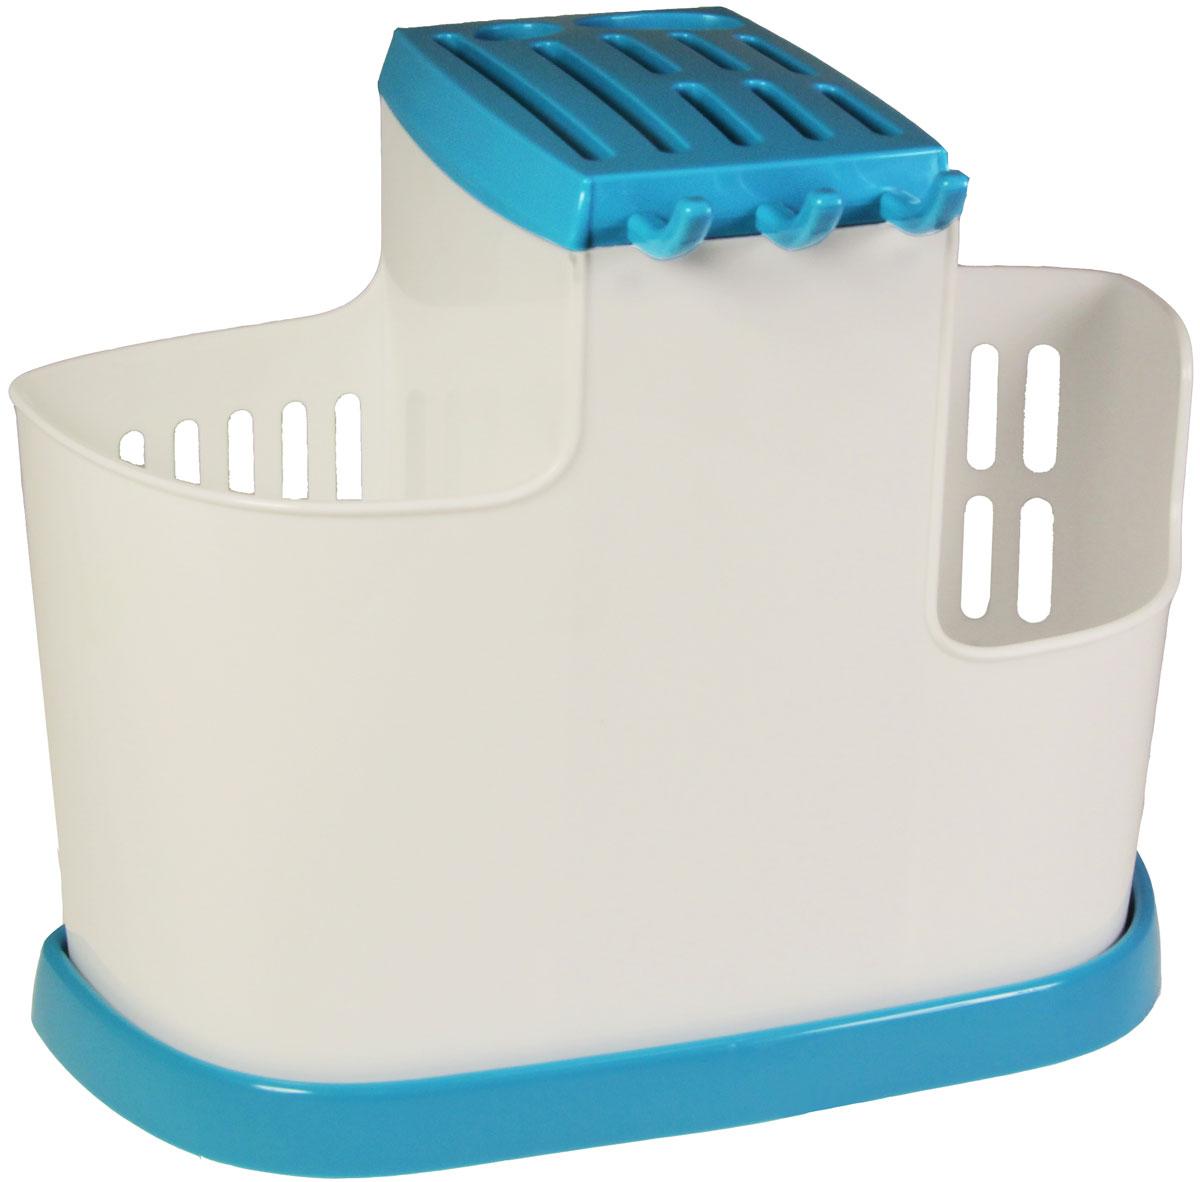 Органайзер кухонный Idea, цвет: бирюзовый, 19 х 25 х 14,5 смМ 1178